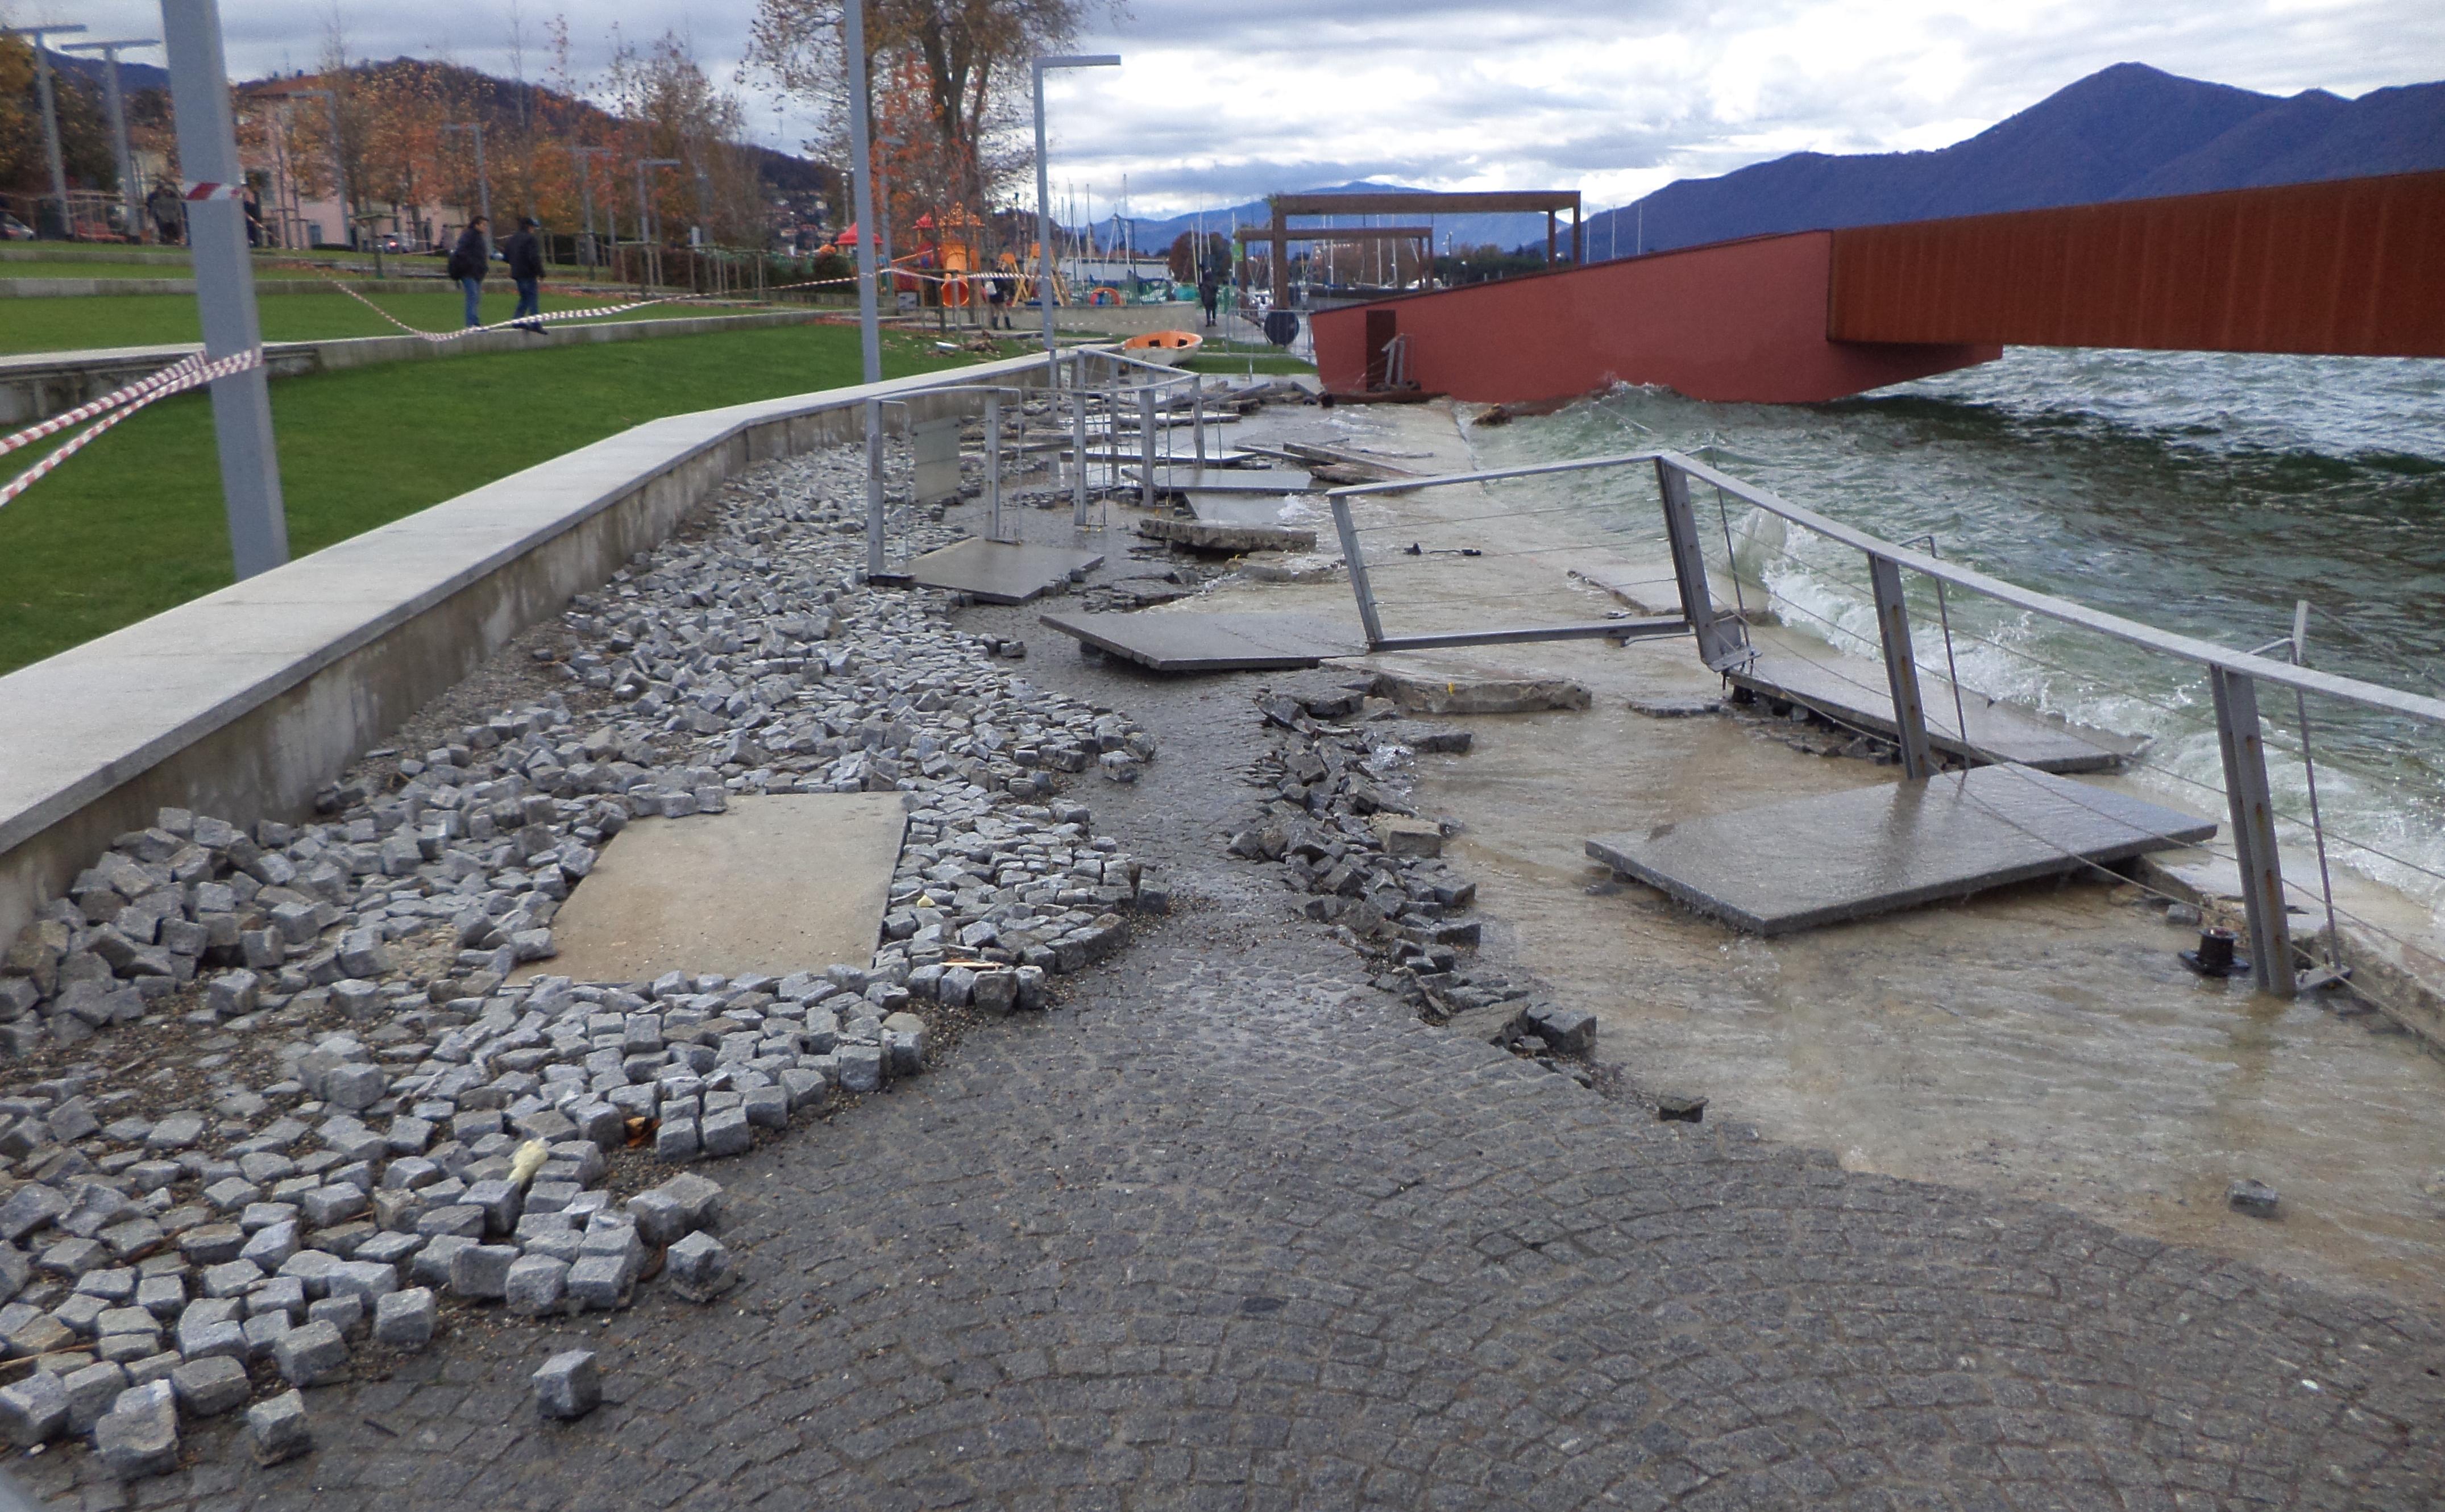 Danni dal maltempo, Parco a Lago Luino